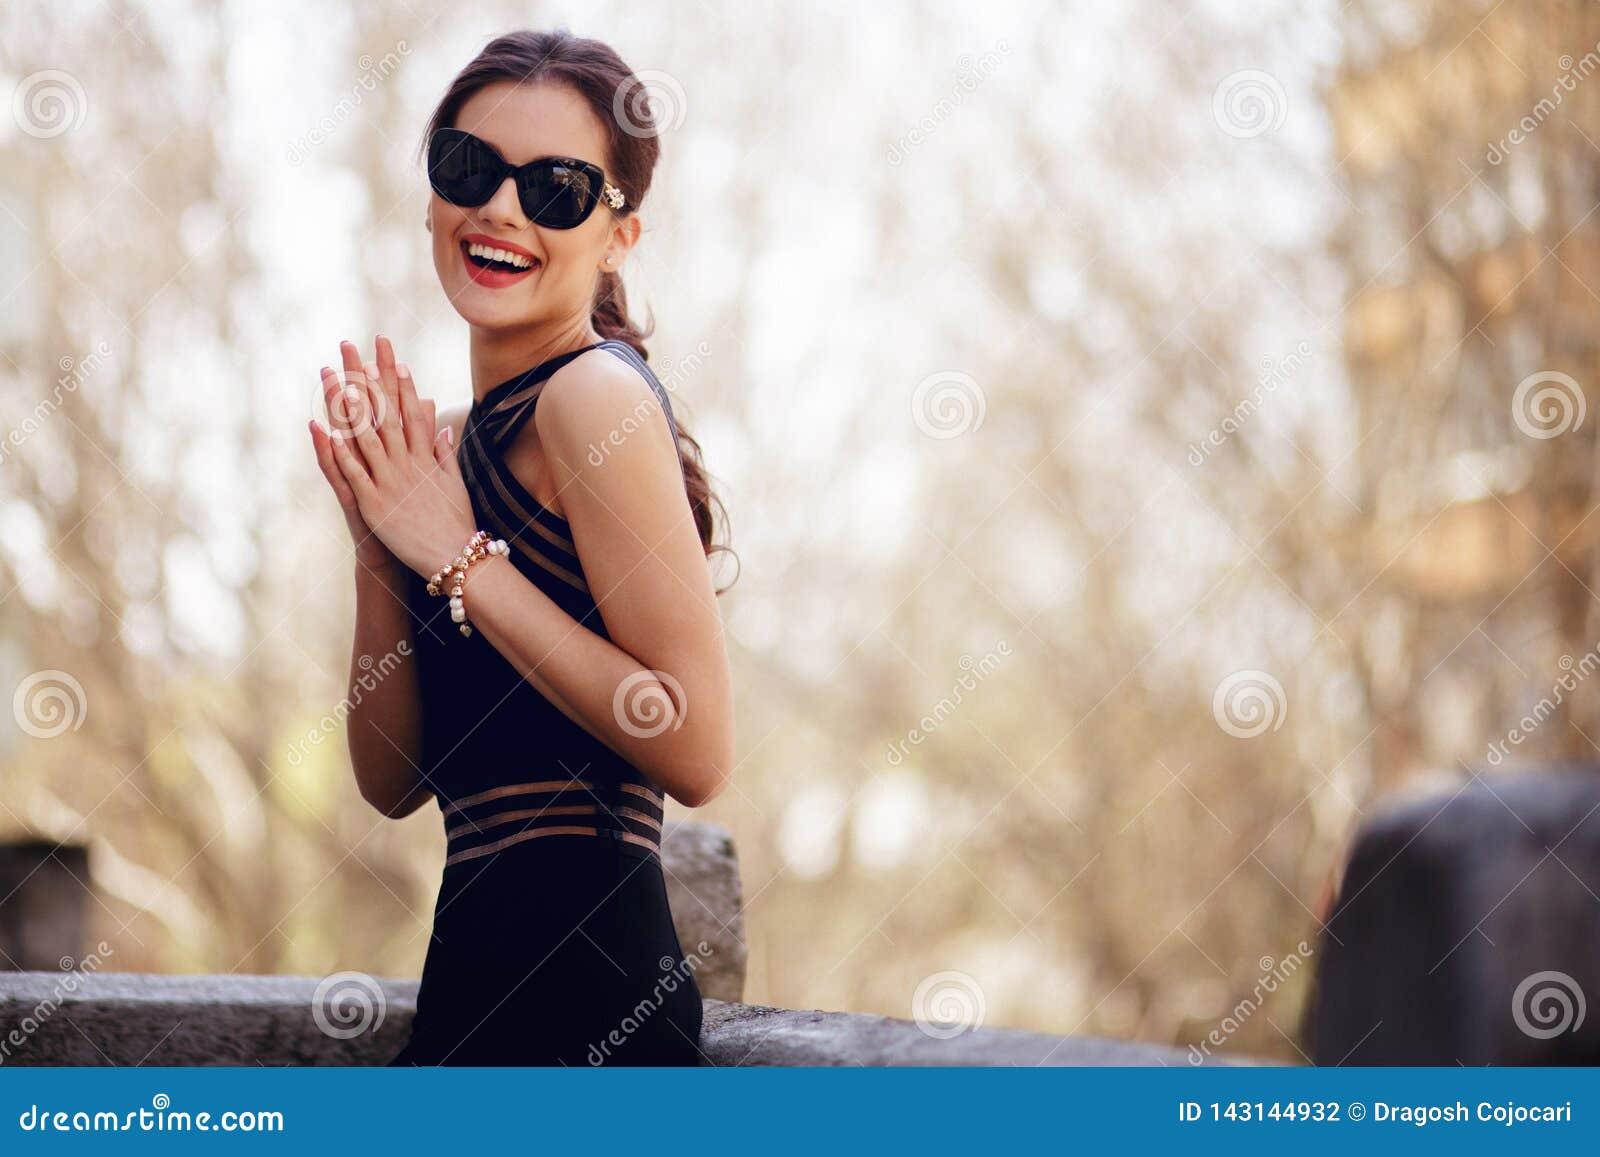 Morena adorável, elegante no vestido preto  sexy , óculos de sol, rabo de cavalo do cabelo e estada bonita da cara no balcão